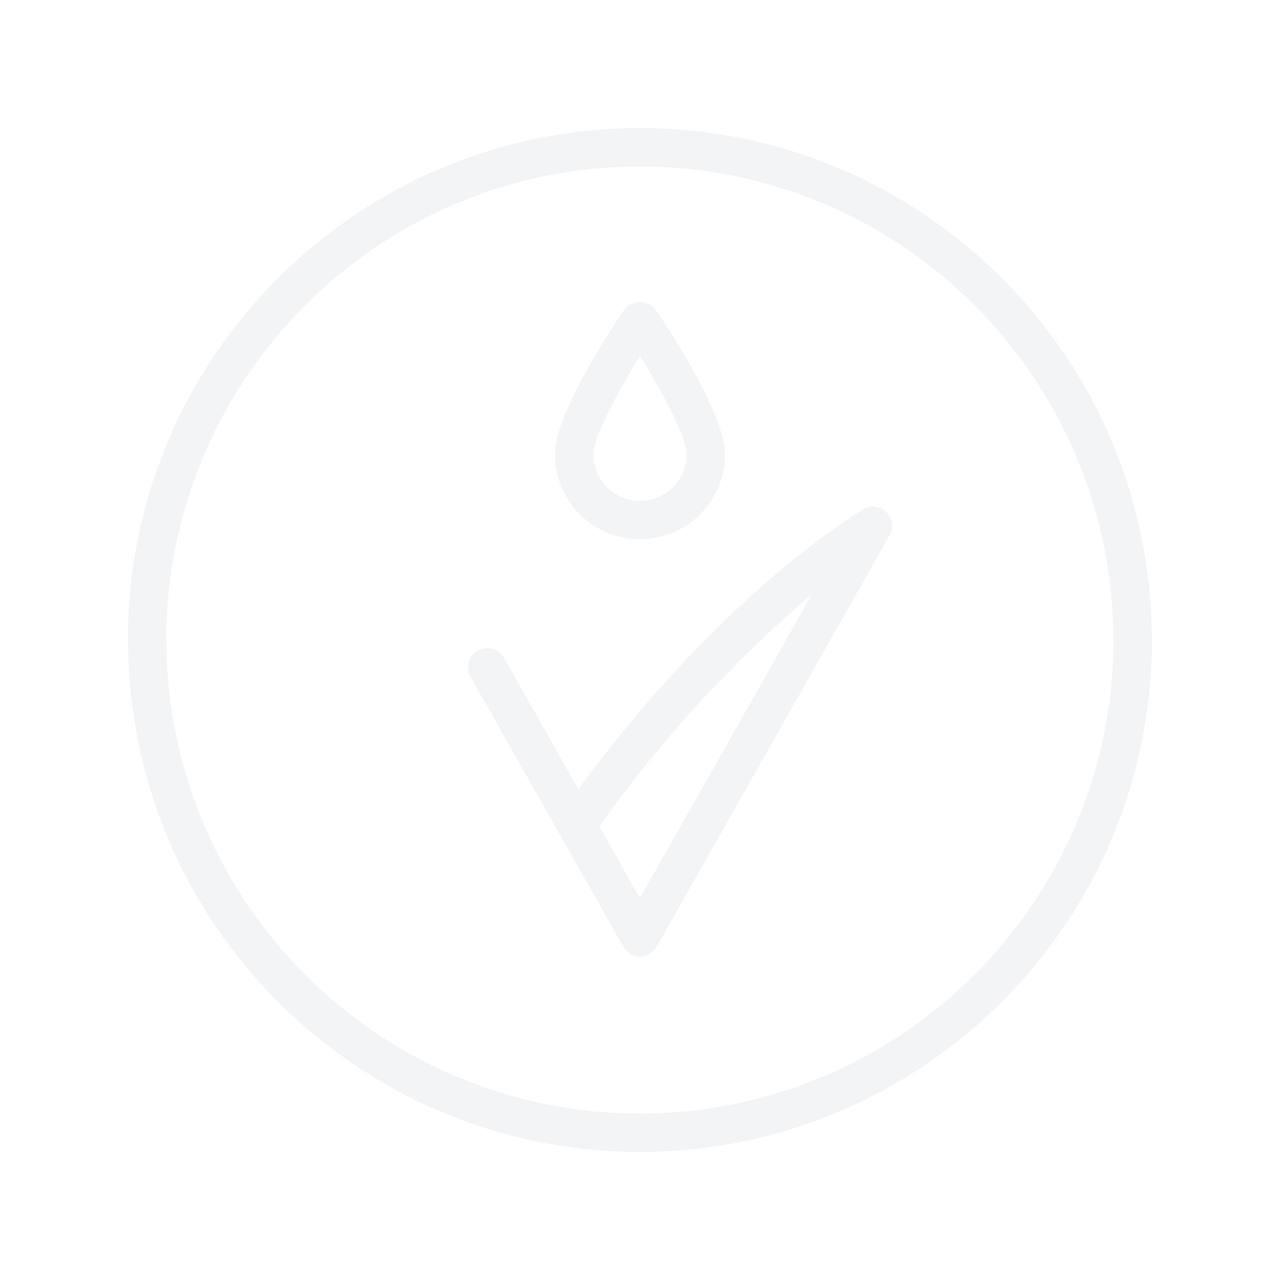 KIDS STUFF CRAZY Blue Foaming Soap пенное мыло для детских забав 225ml